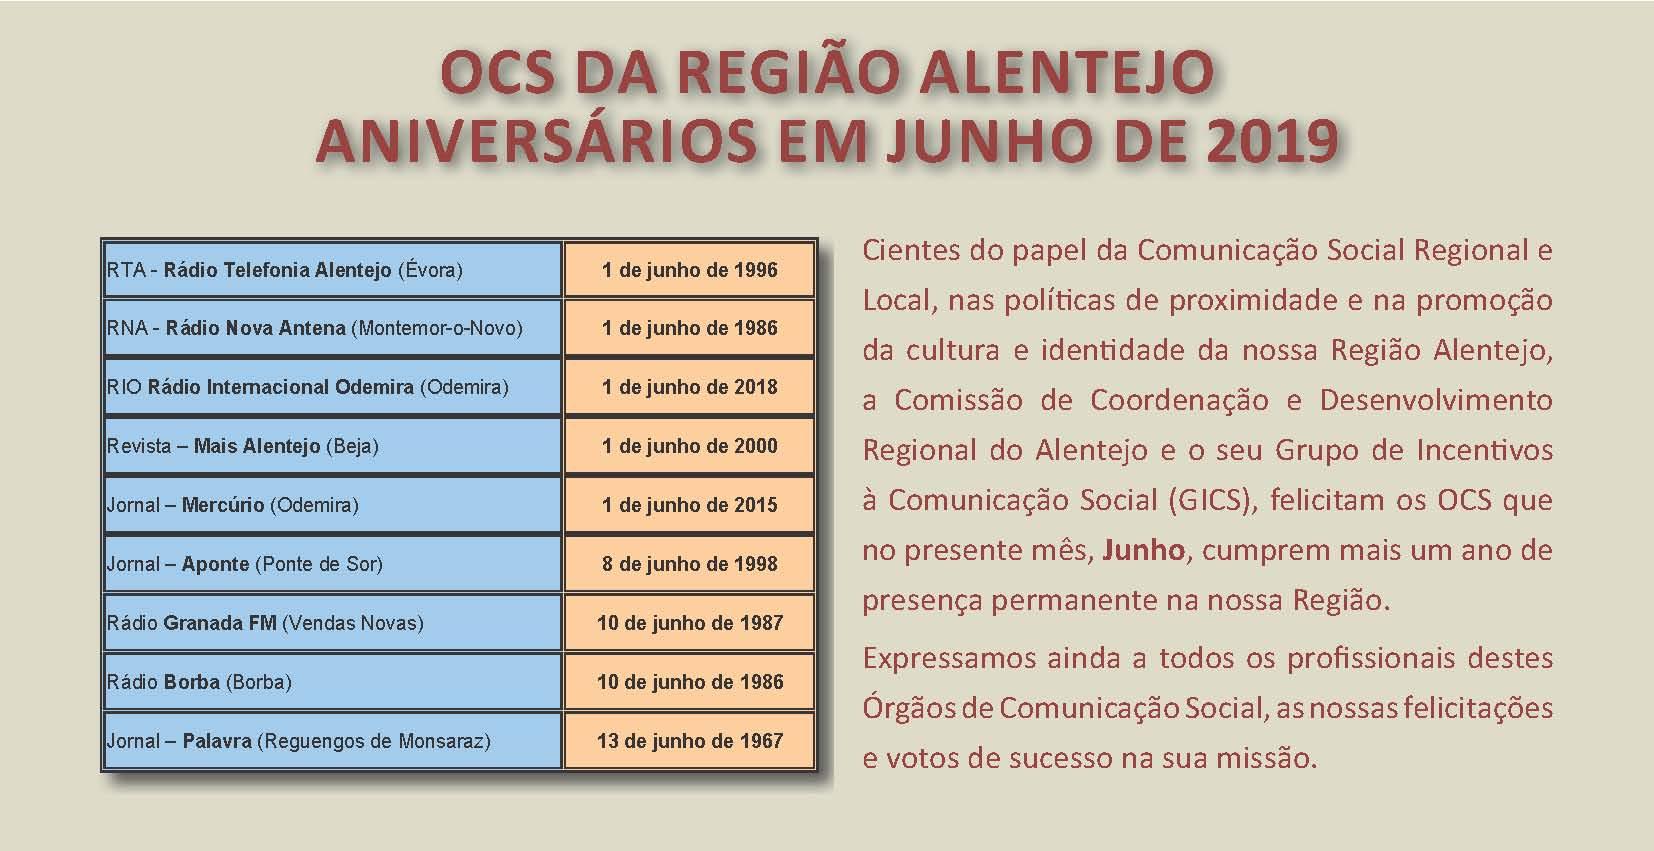 Aniversário em junho 2019 OCS da Região Alentejo